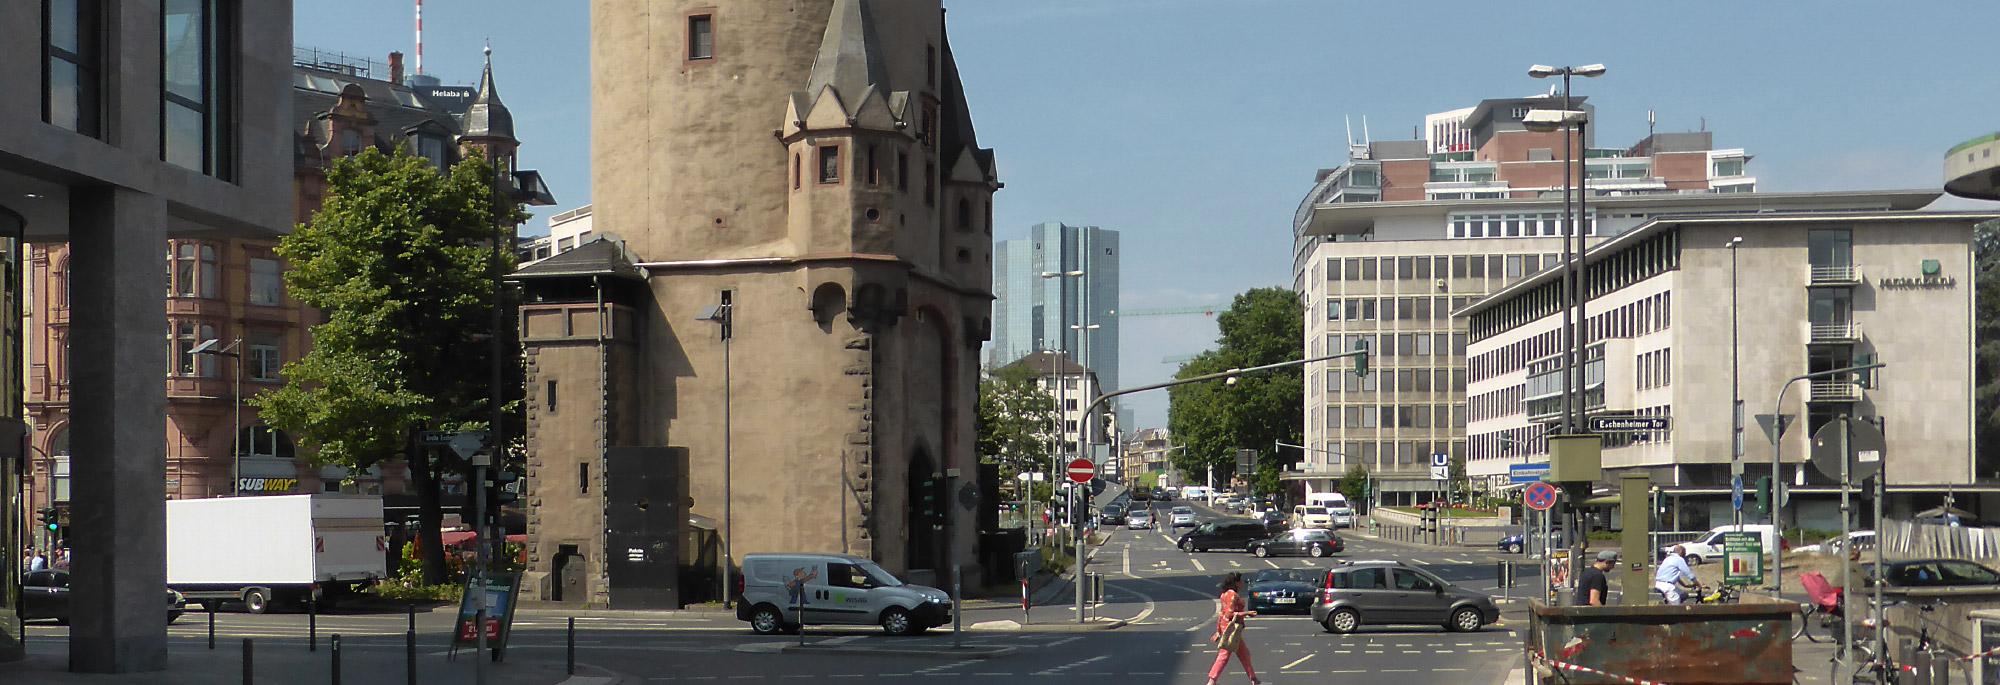 Anlagenring Frankfurt am Main - Anlagen Ring FFM - Verkauf - Eschenheimer Tor